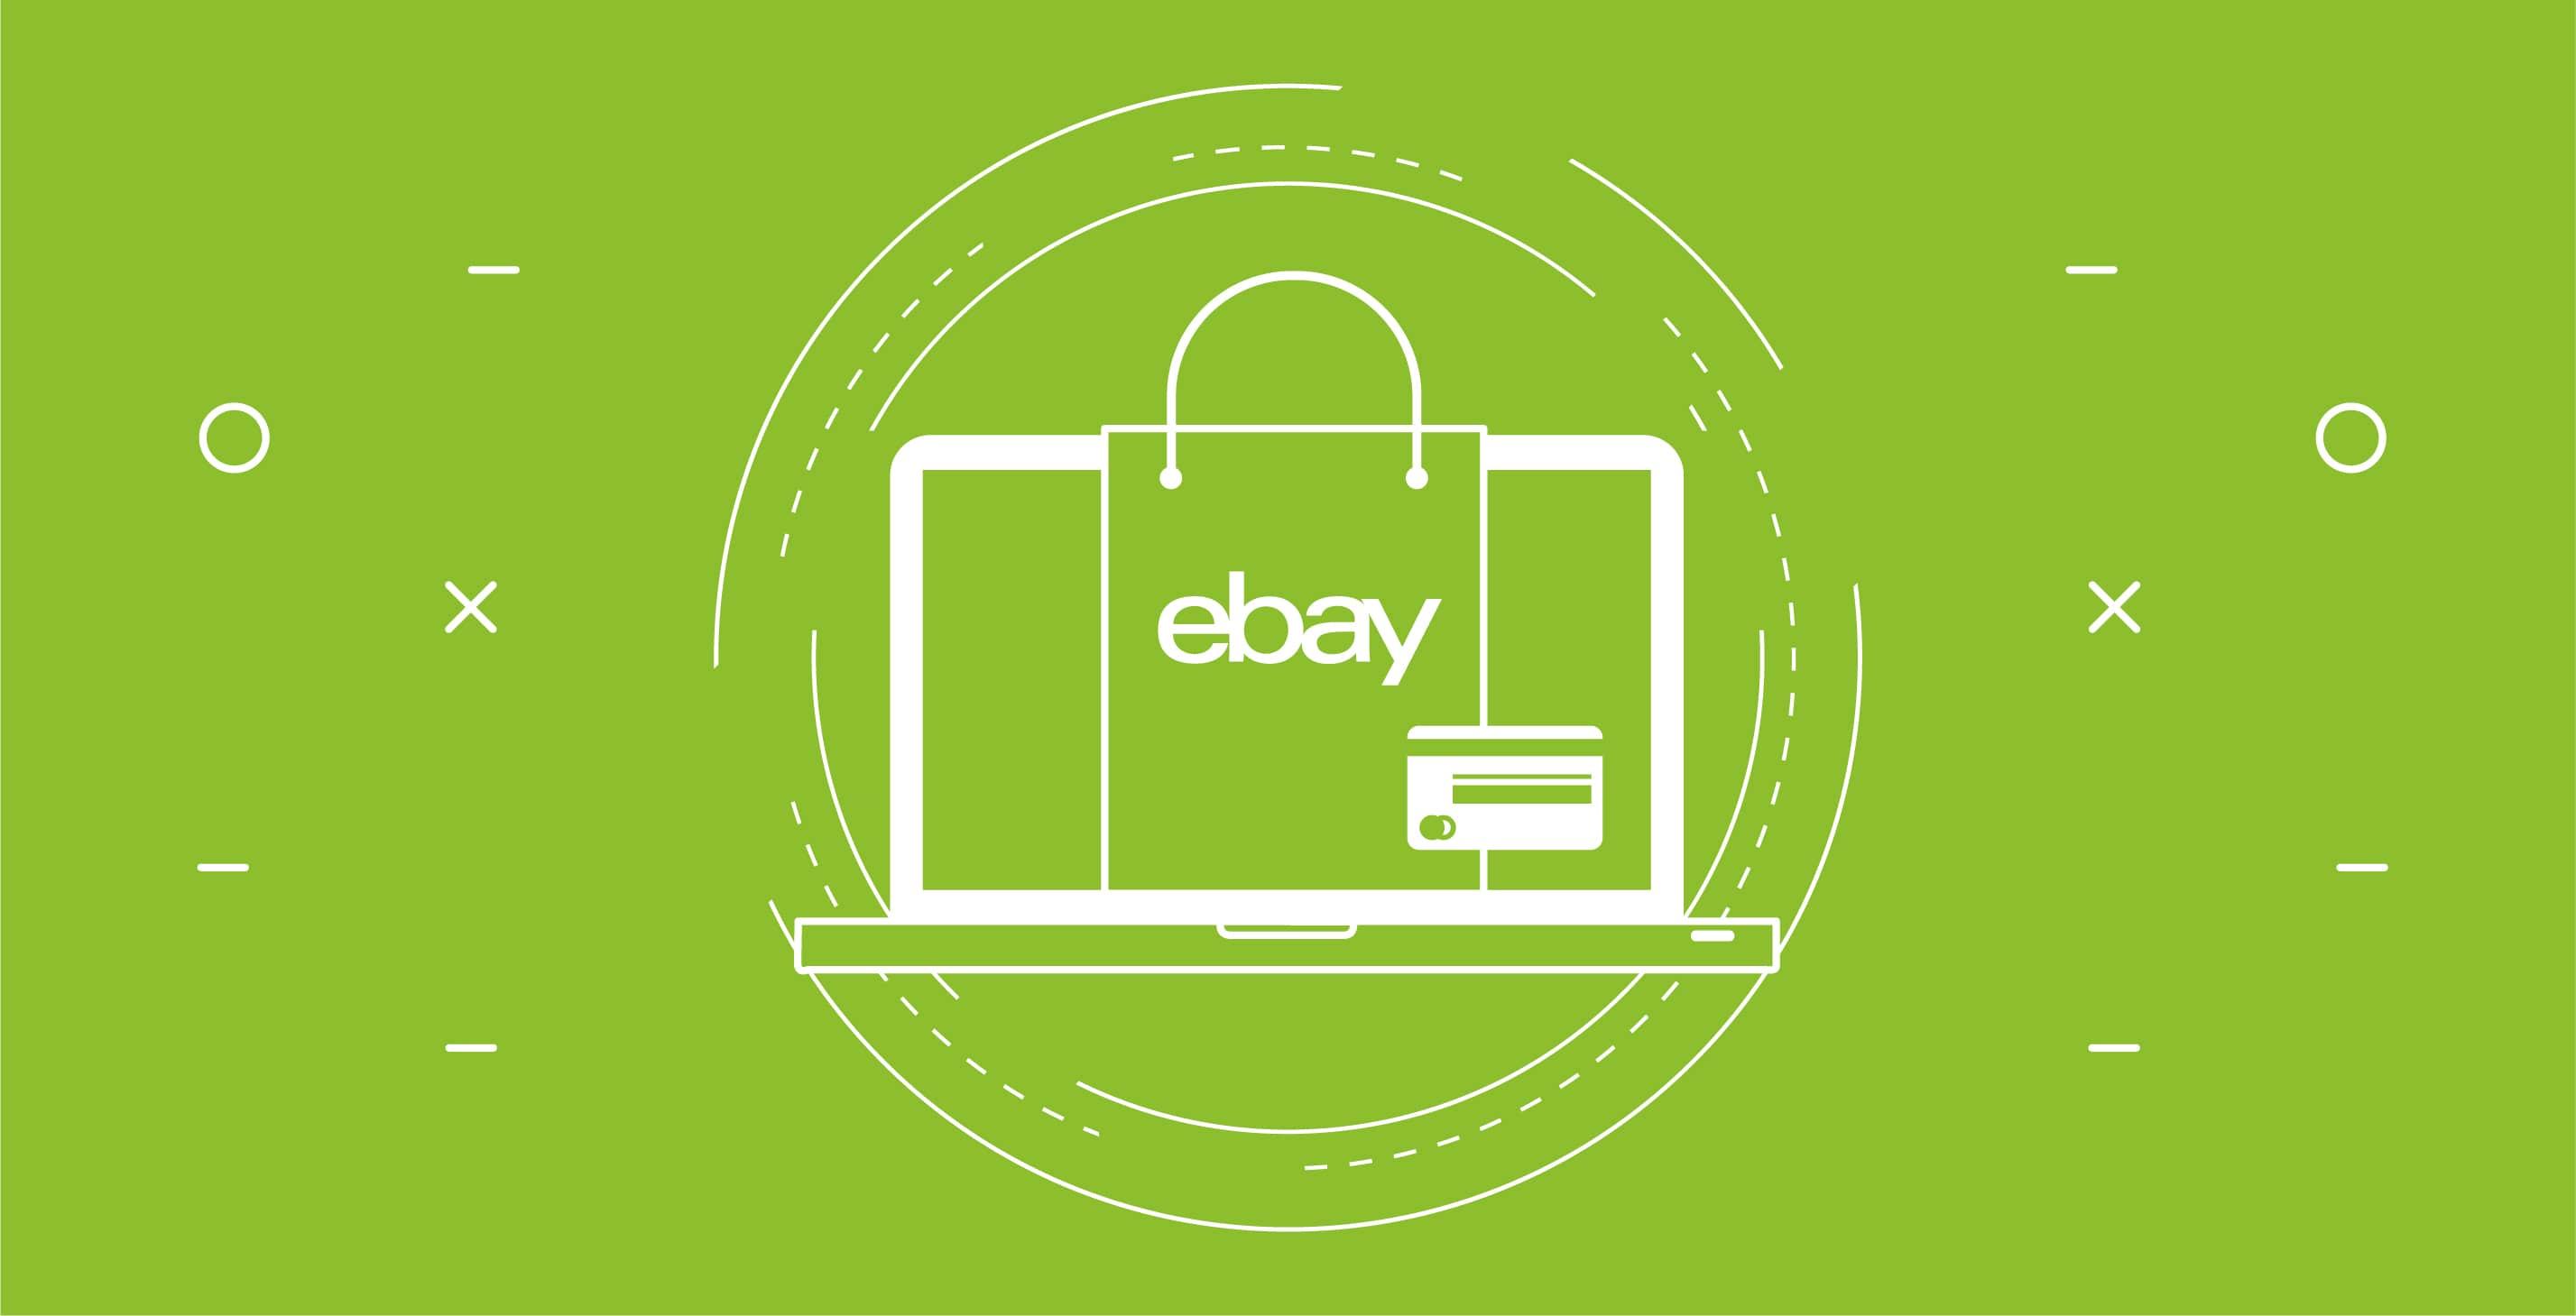 ebay tra i migliori ecommerce